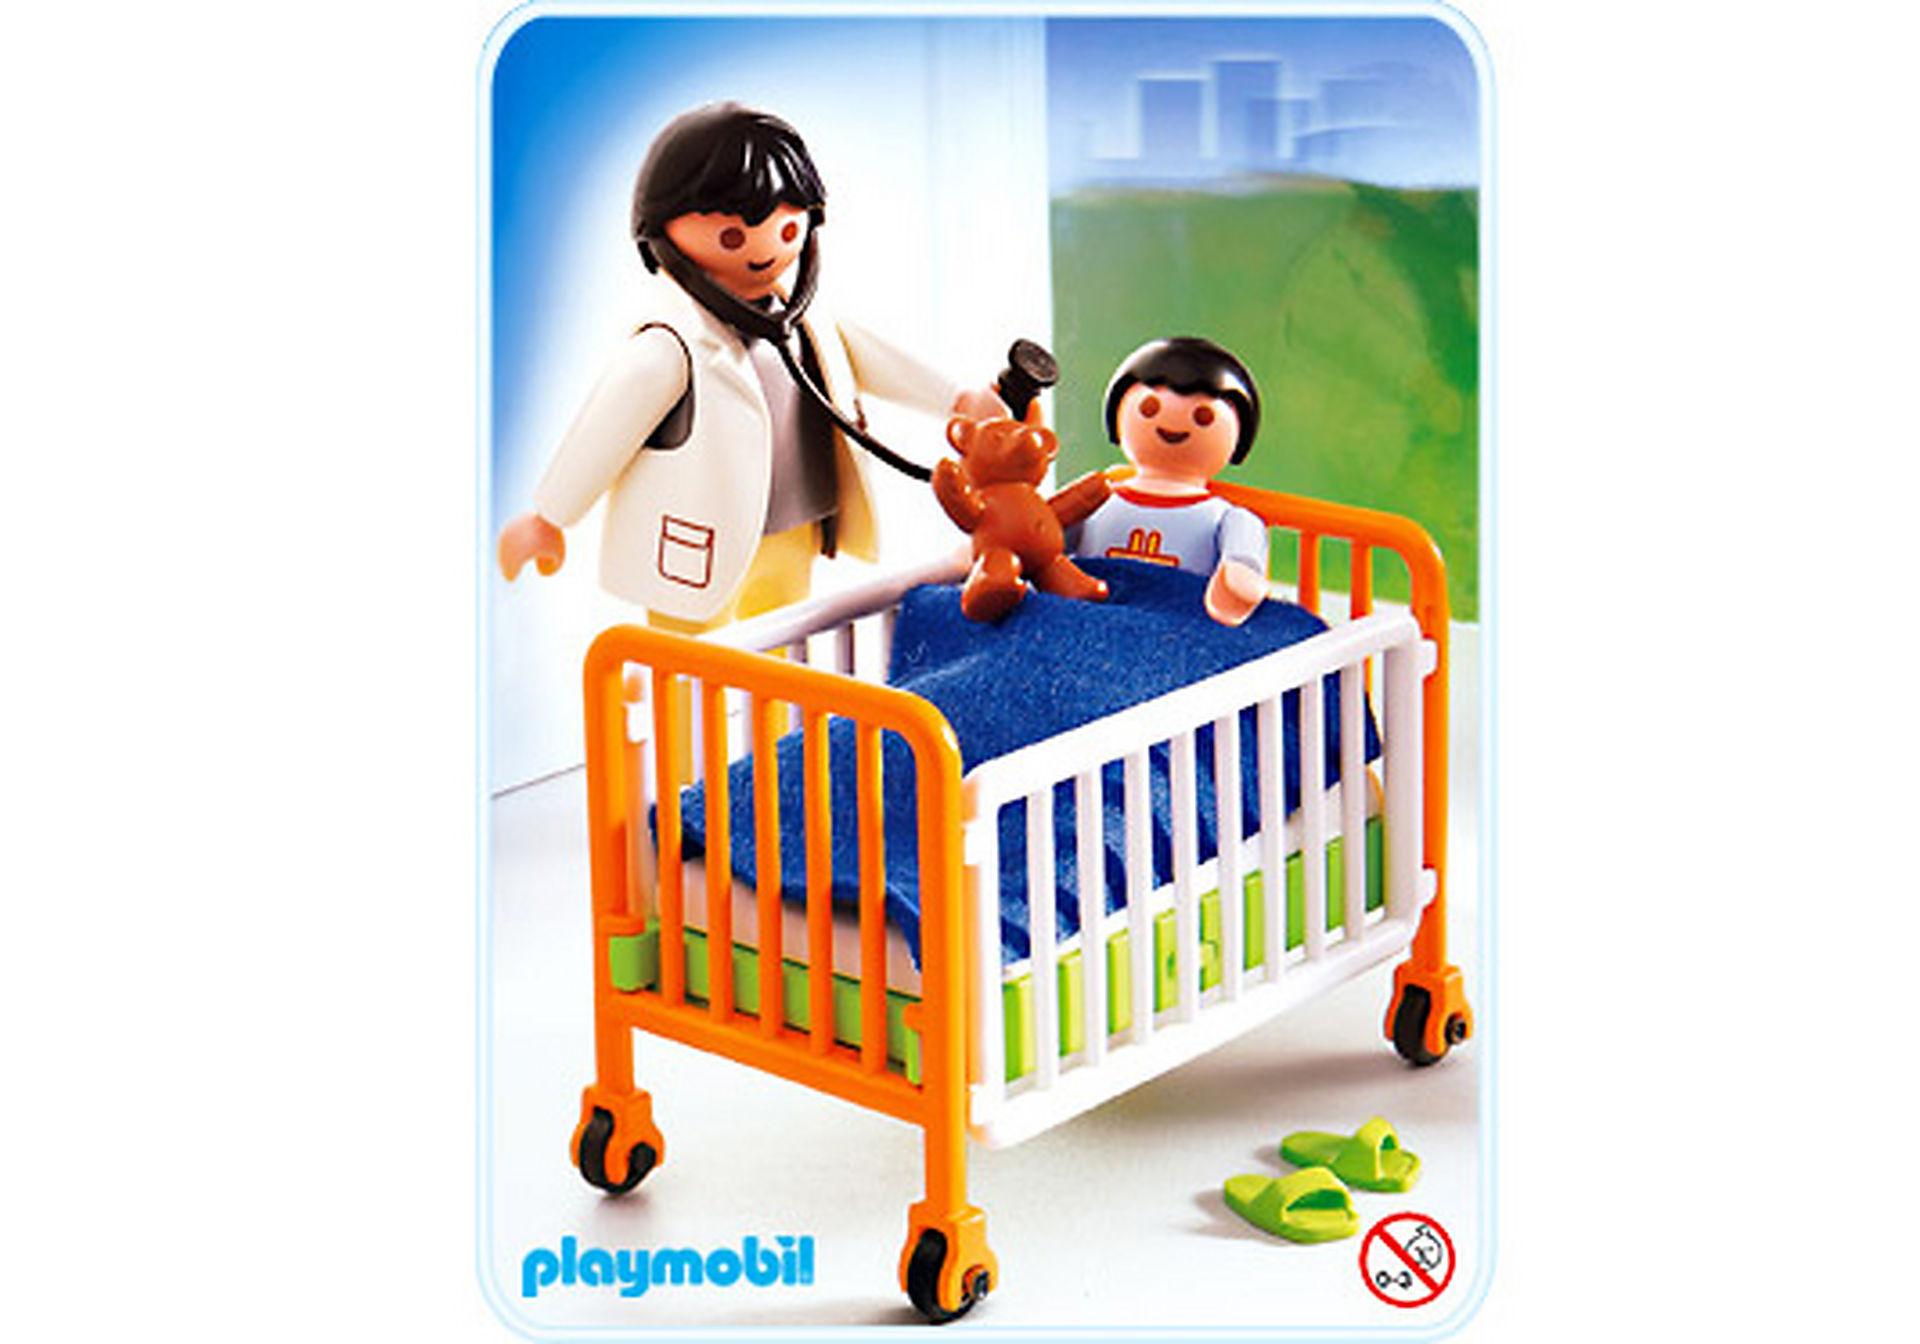 http://media.playmobil.com/i/playmobil/4406-A_product_detail/Médecin / enfant / lit d'hôpital